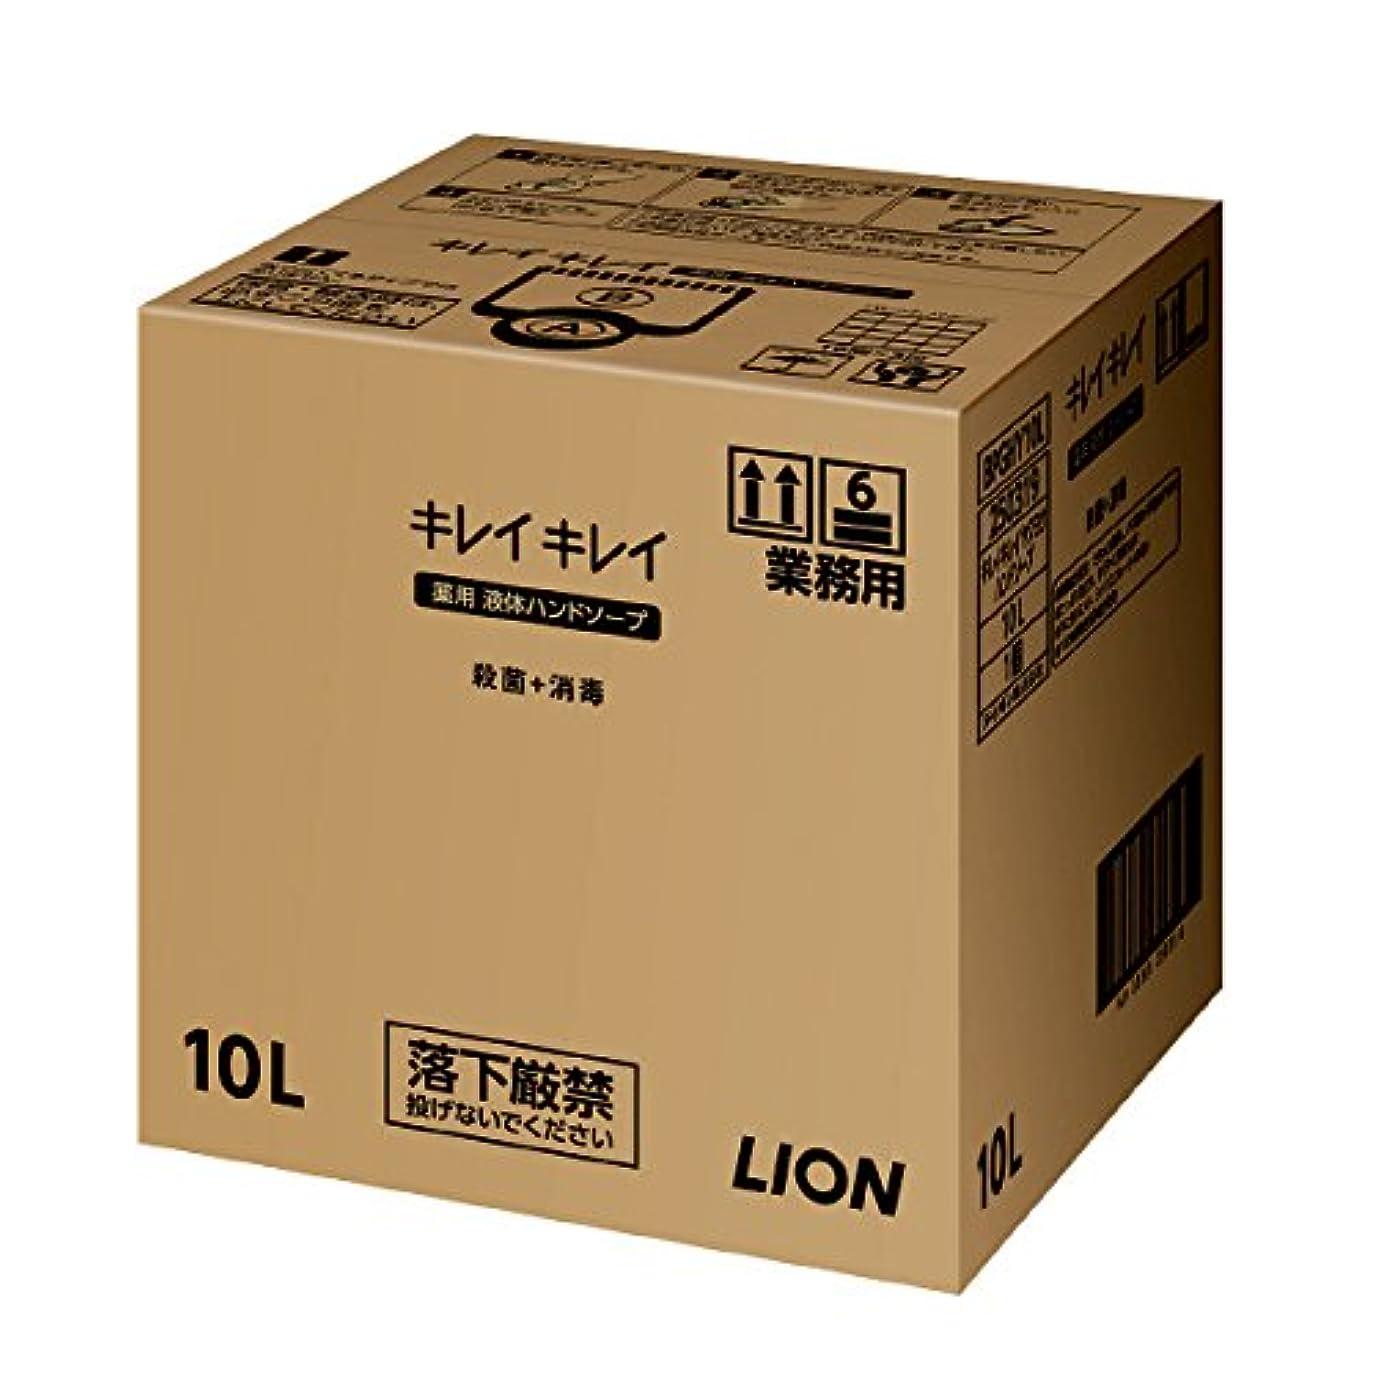 話それらラバキレイキレイ薬用液体ハンドソープ10L(専用コック付き)